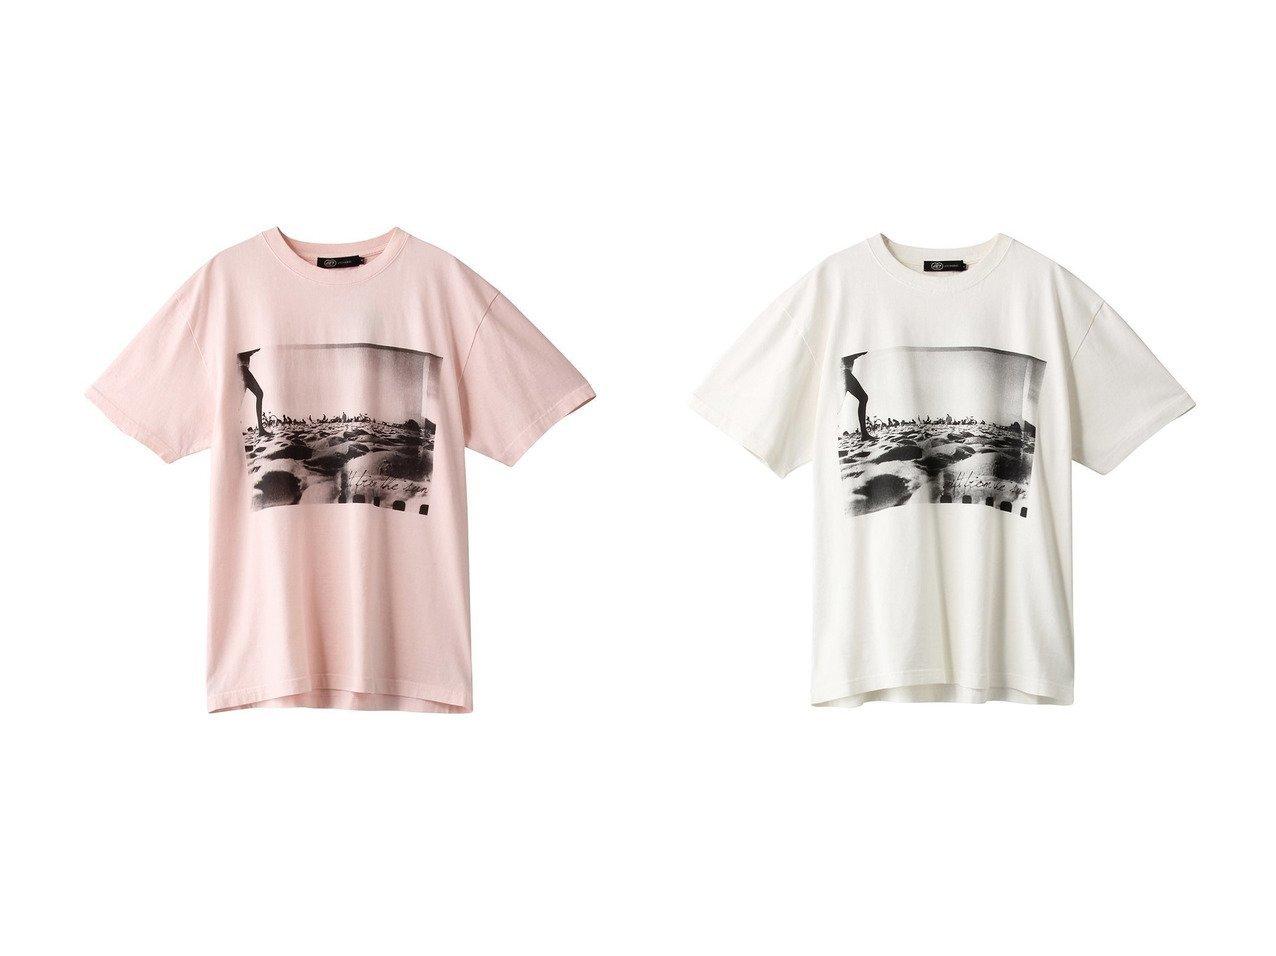 【JET/ジェット】の【JET LOSANGELES】プリントTシャツ 【トップス・カットソー】おすすめ!人気、トレンド・レディースファッションの通販  おすすめで人気の流行・トレンド、ファッションの通販商品 インテリア・家具・メンズファッション・キッズファッション・レディースファッション・服の通販 founy(ファニー) https://founy.com/ ファッション Fashion レディースファッション WOMEN トップス・カットソー Tops/Tshirt シャツ/ブラウス Shirts/Blouses ロング / Tシャツ T-Shirts カットソー Cut and Sewn おすすめ Recommend ショート スリーブ トレンド ビーチ プリント ワイド 半袖 夏 Summer  ID:crp329100000049304